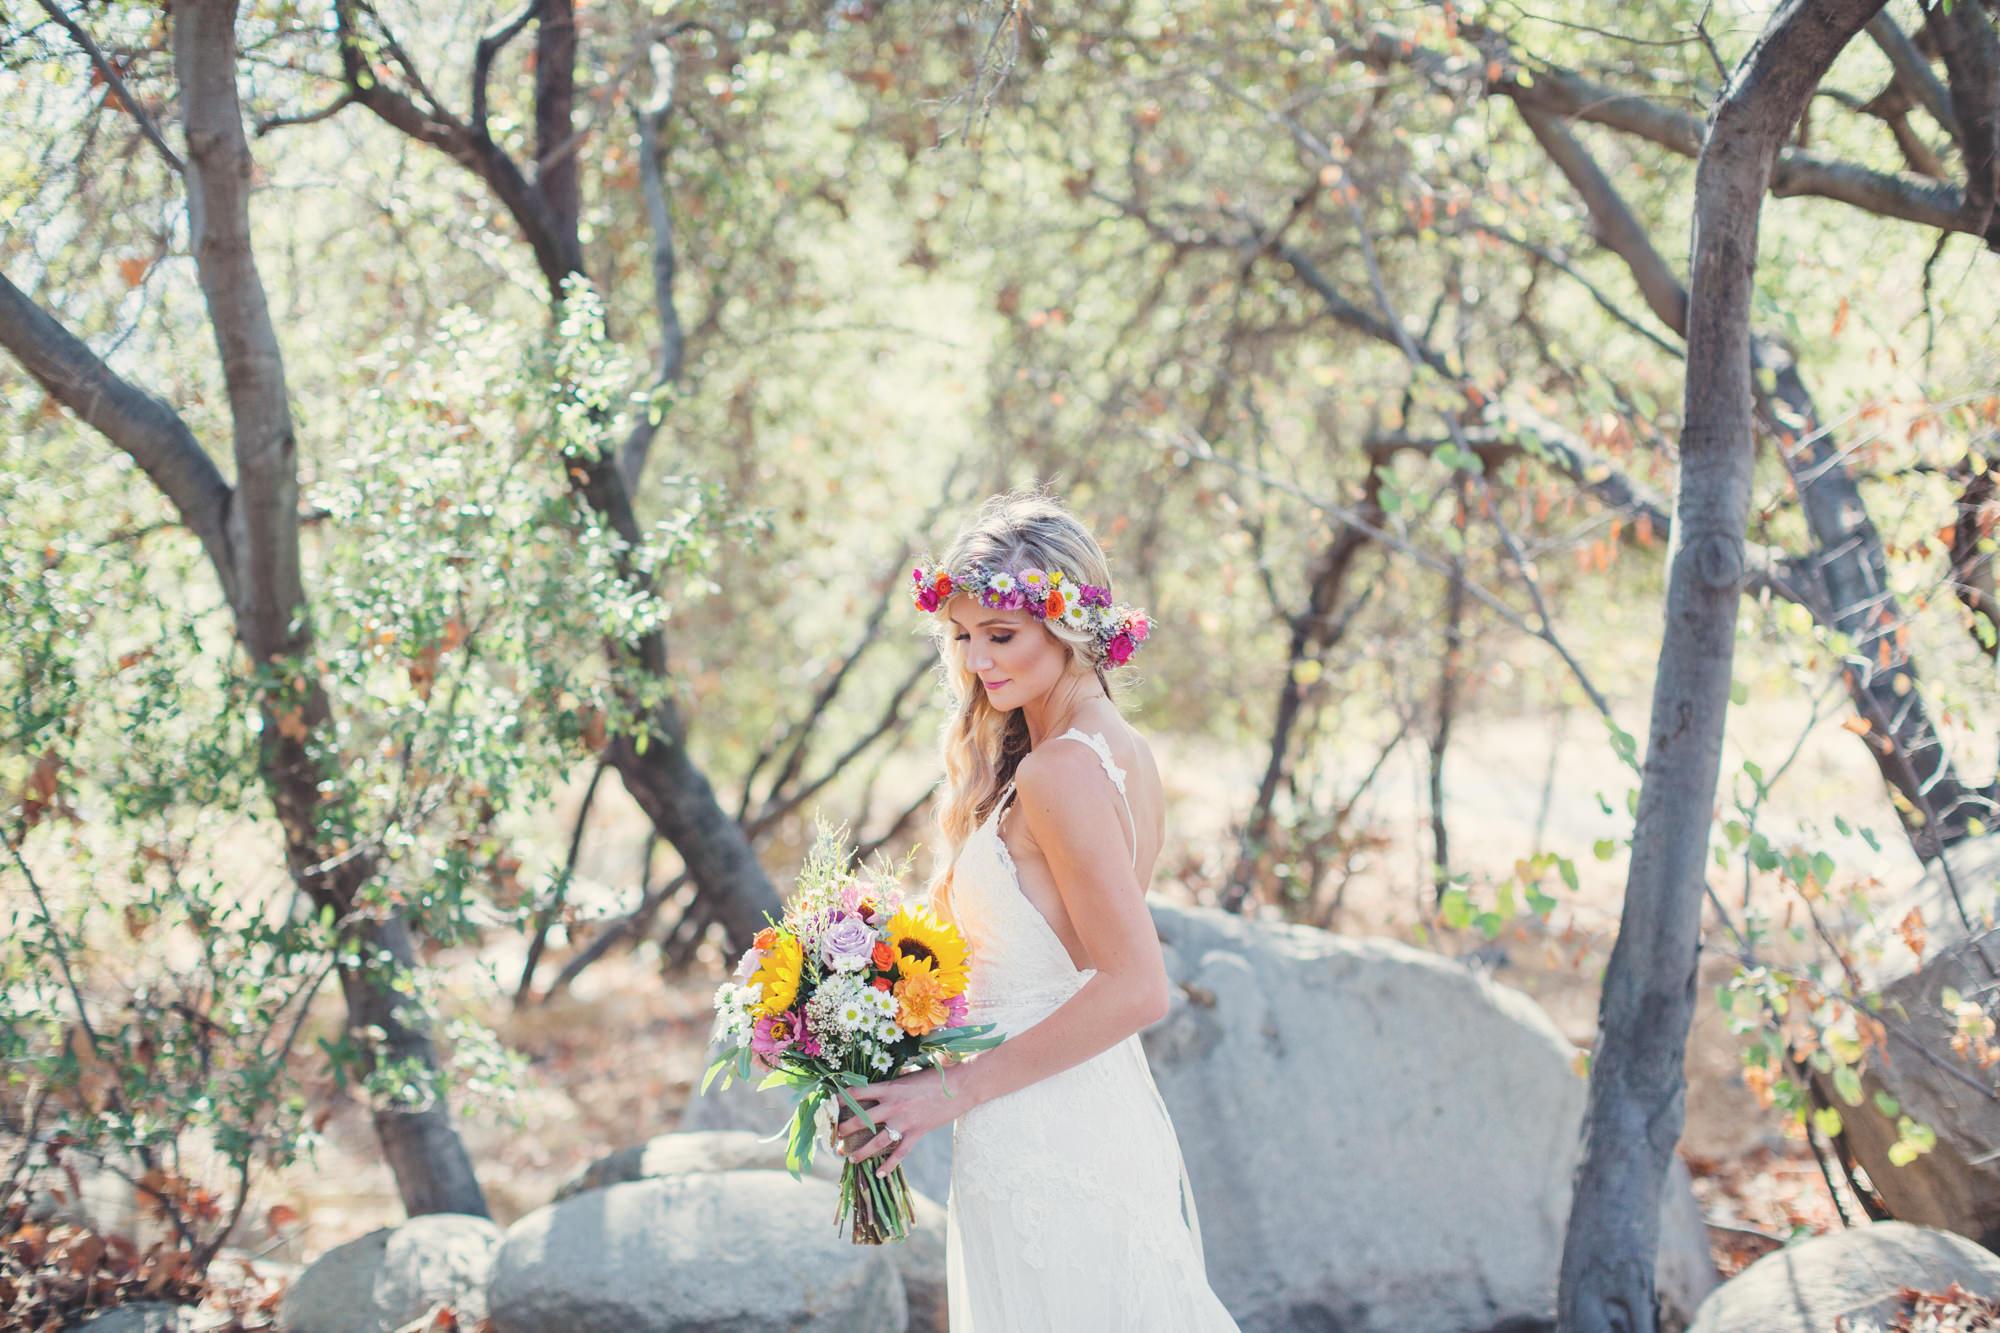 Rustic wedding in California ©Anne-Claire Brun 48